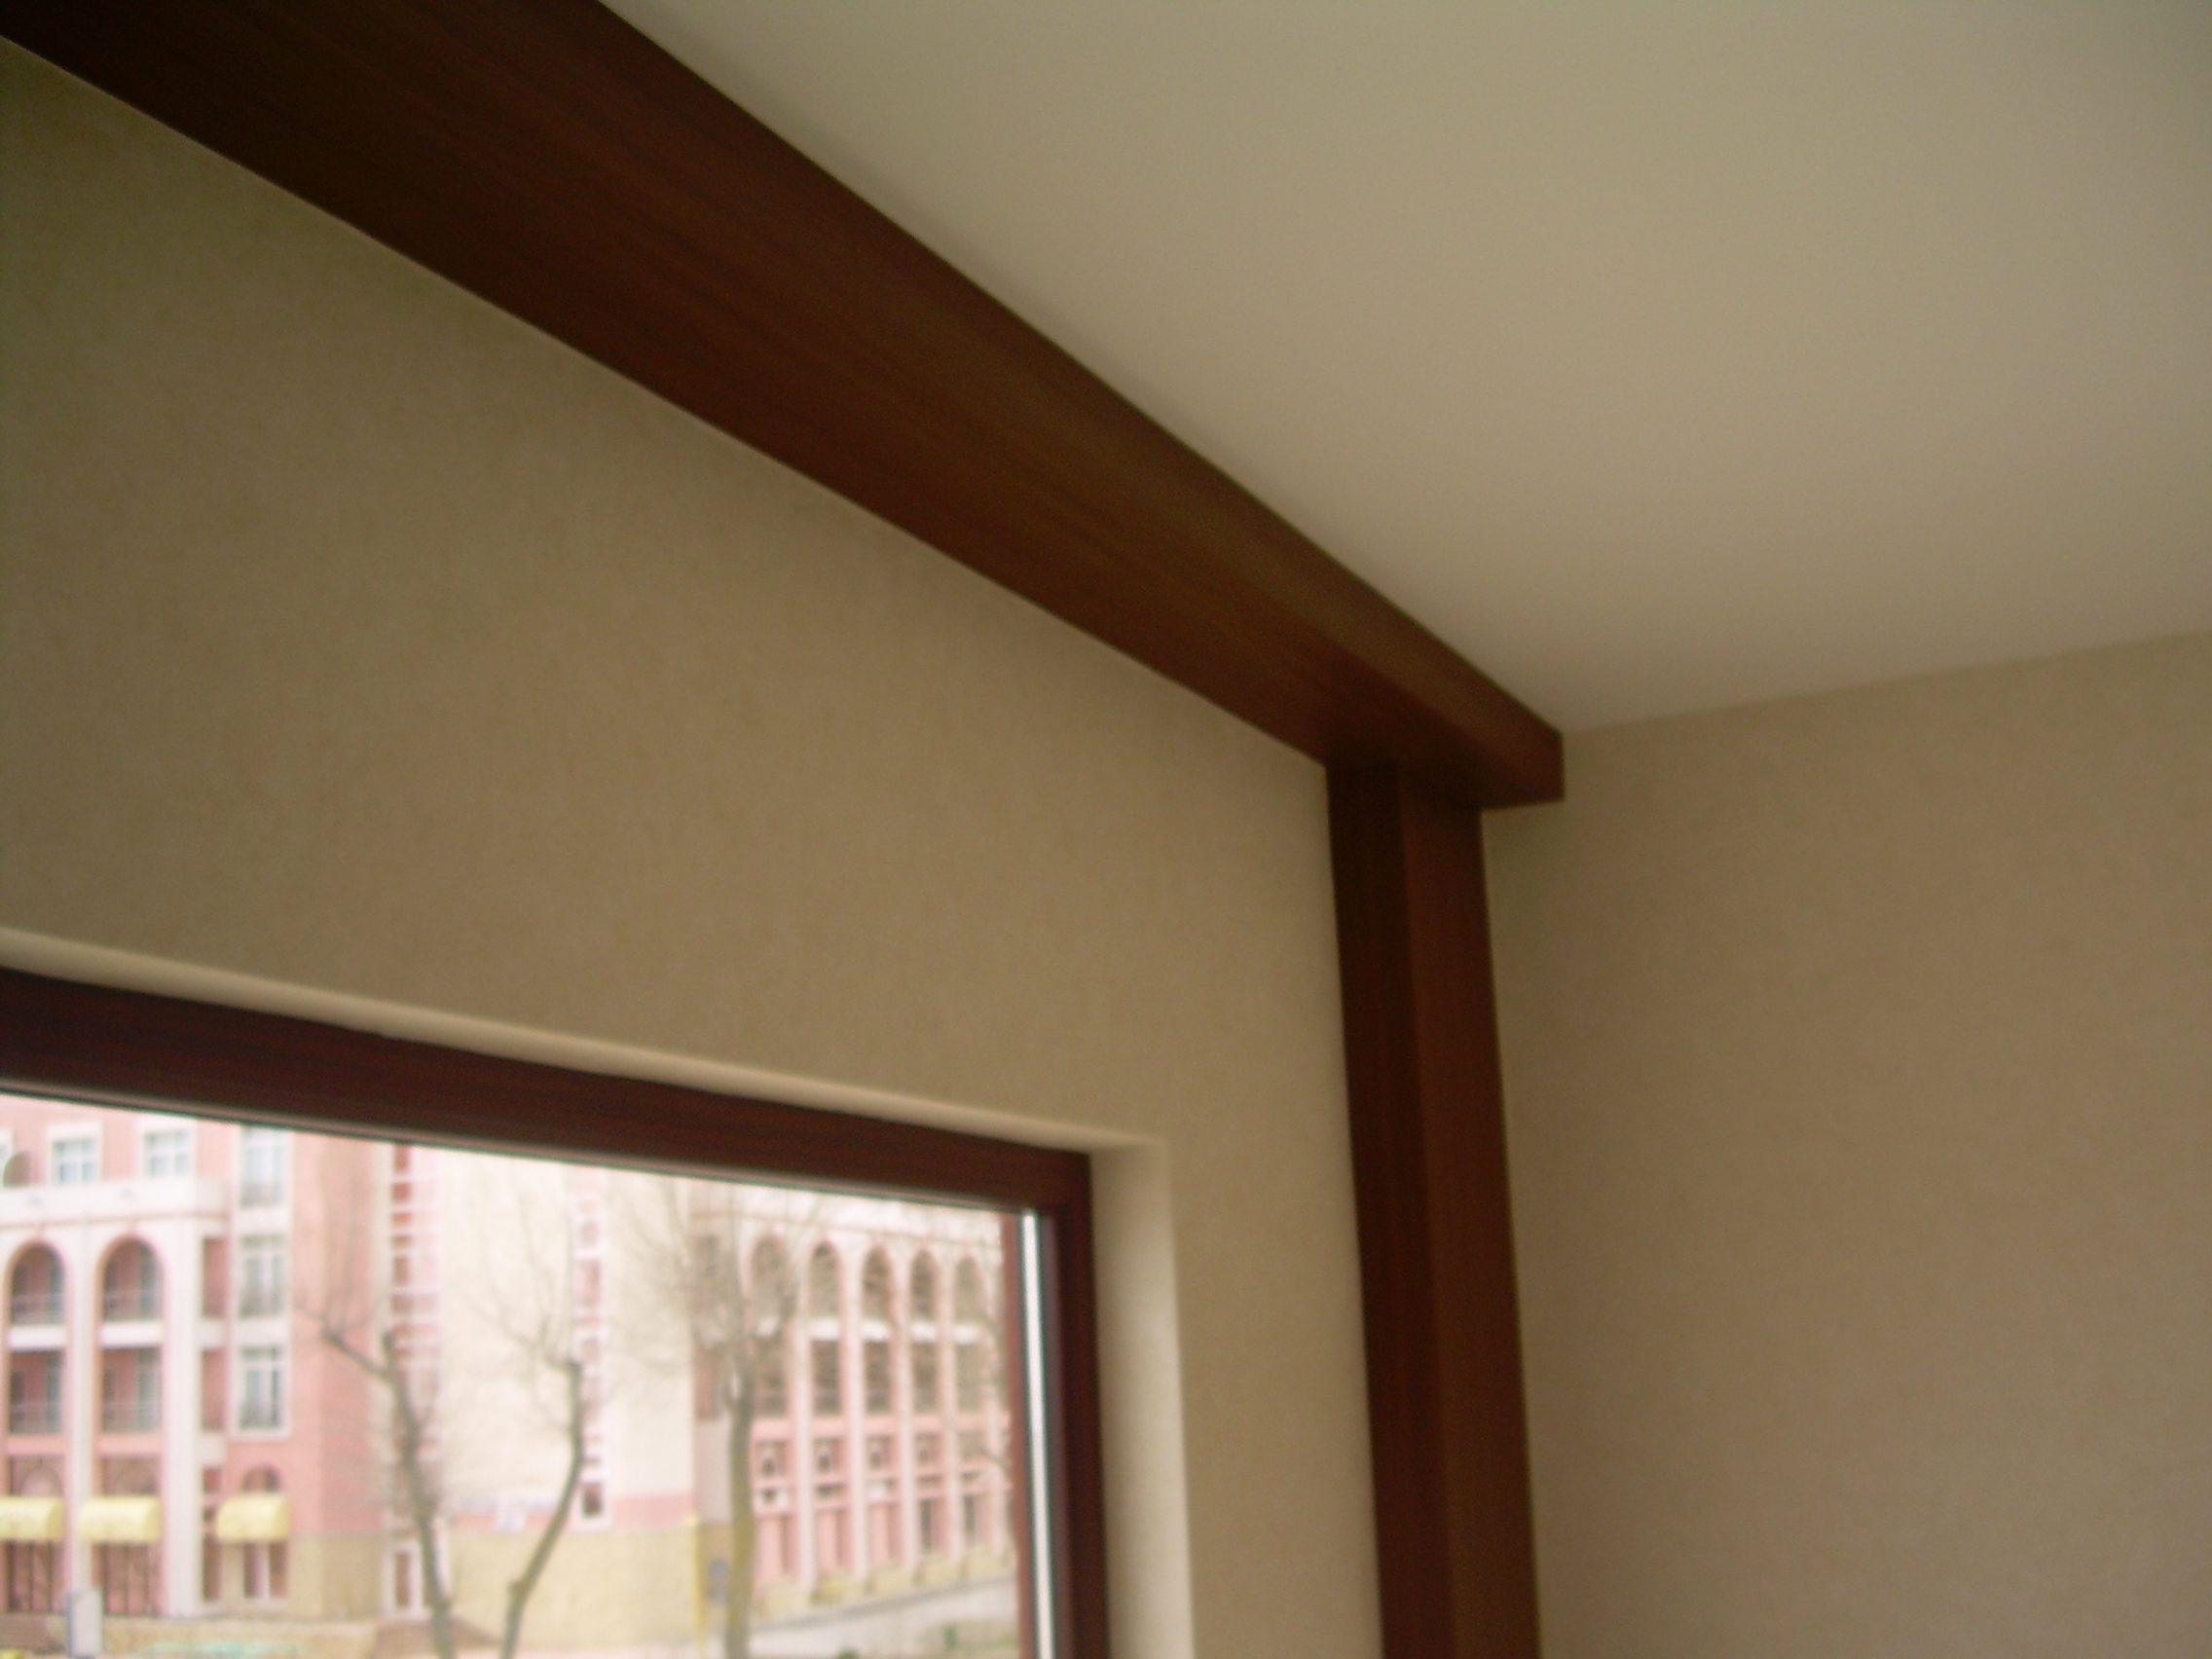 Lucrari de amenajare interioare cu tapet  - Poza 3